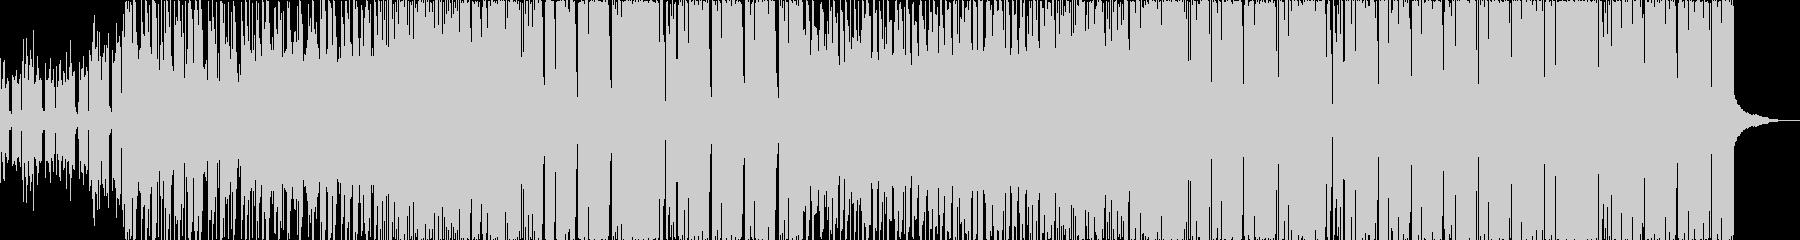 三味線カワイイ系future bassの未再生の波形